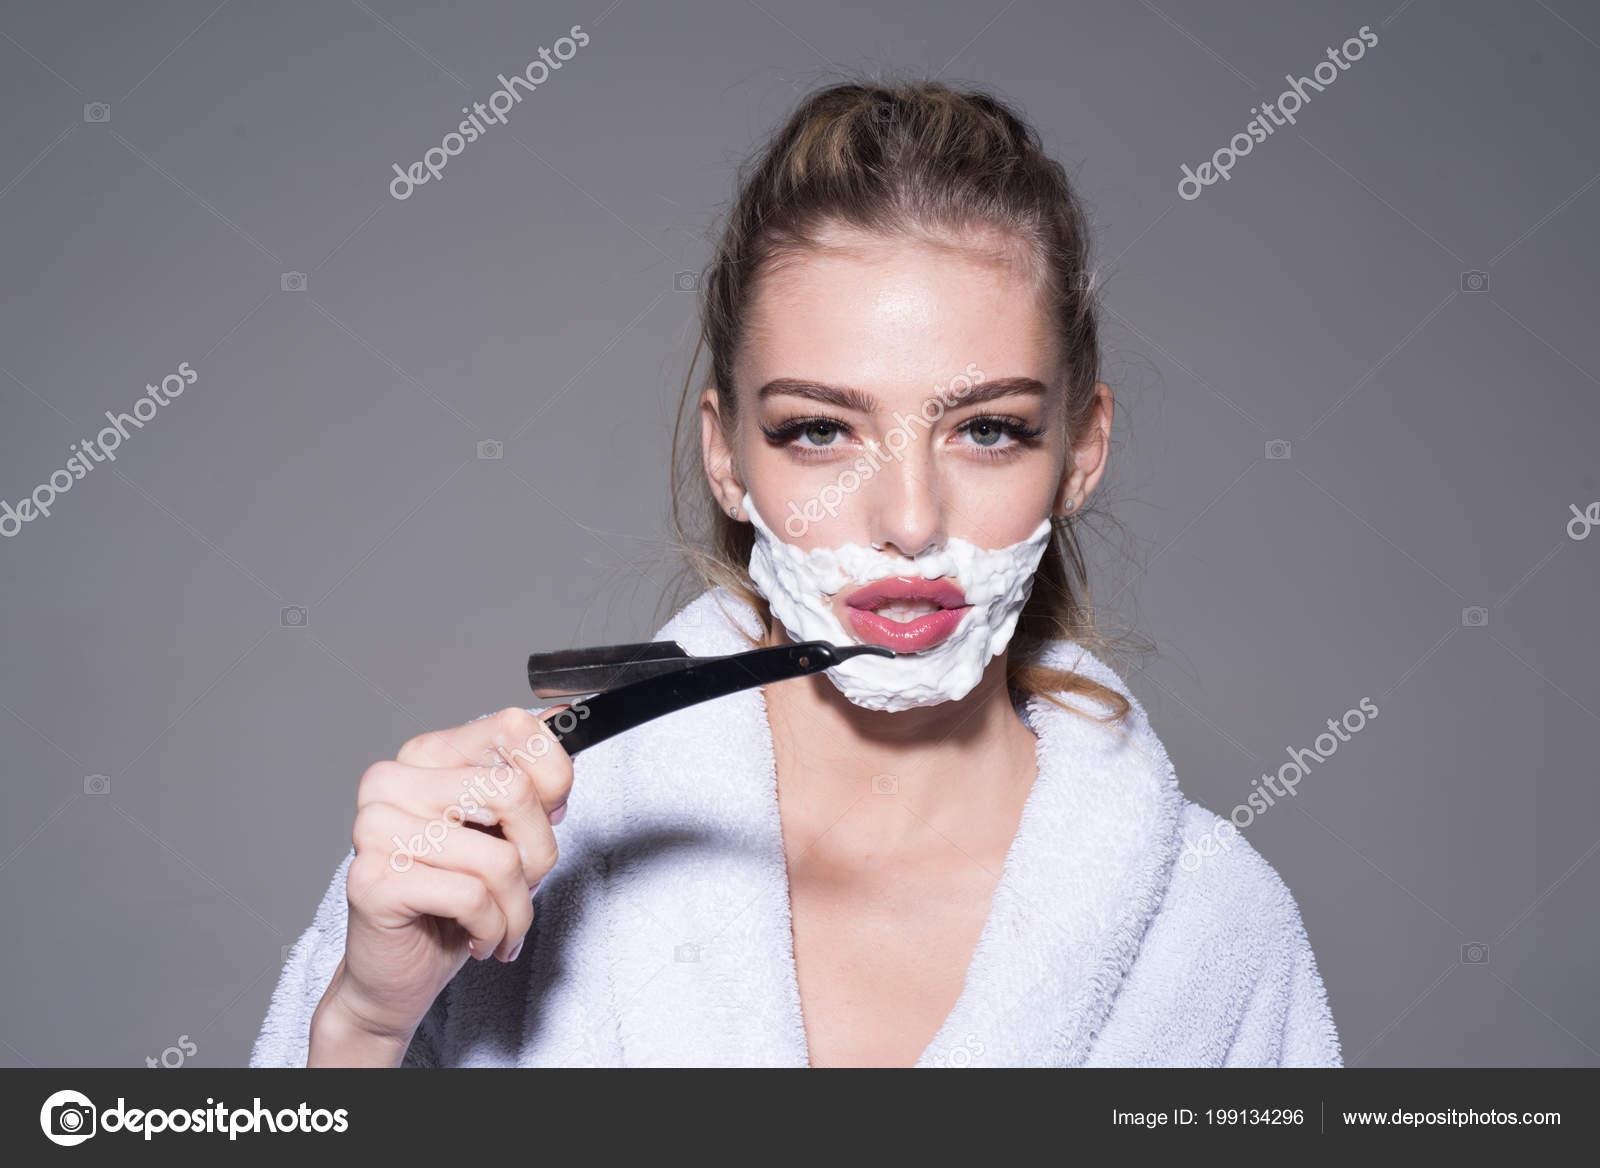 73c7f8bccf36b8 Blonde Frau mit frechen Look tragen weiße Bademantel auf grauem Hintergrund  isoliert. Morgen rasieren, junge Frau mit Schaum auf ihrem Gesicht Holding  ...